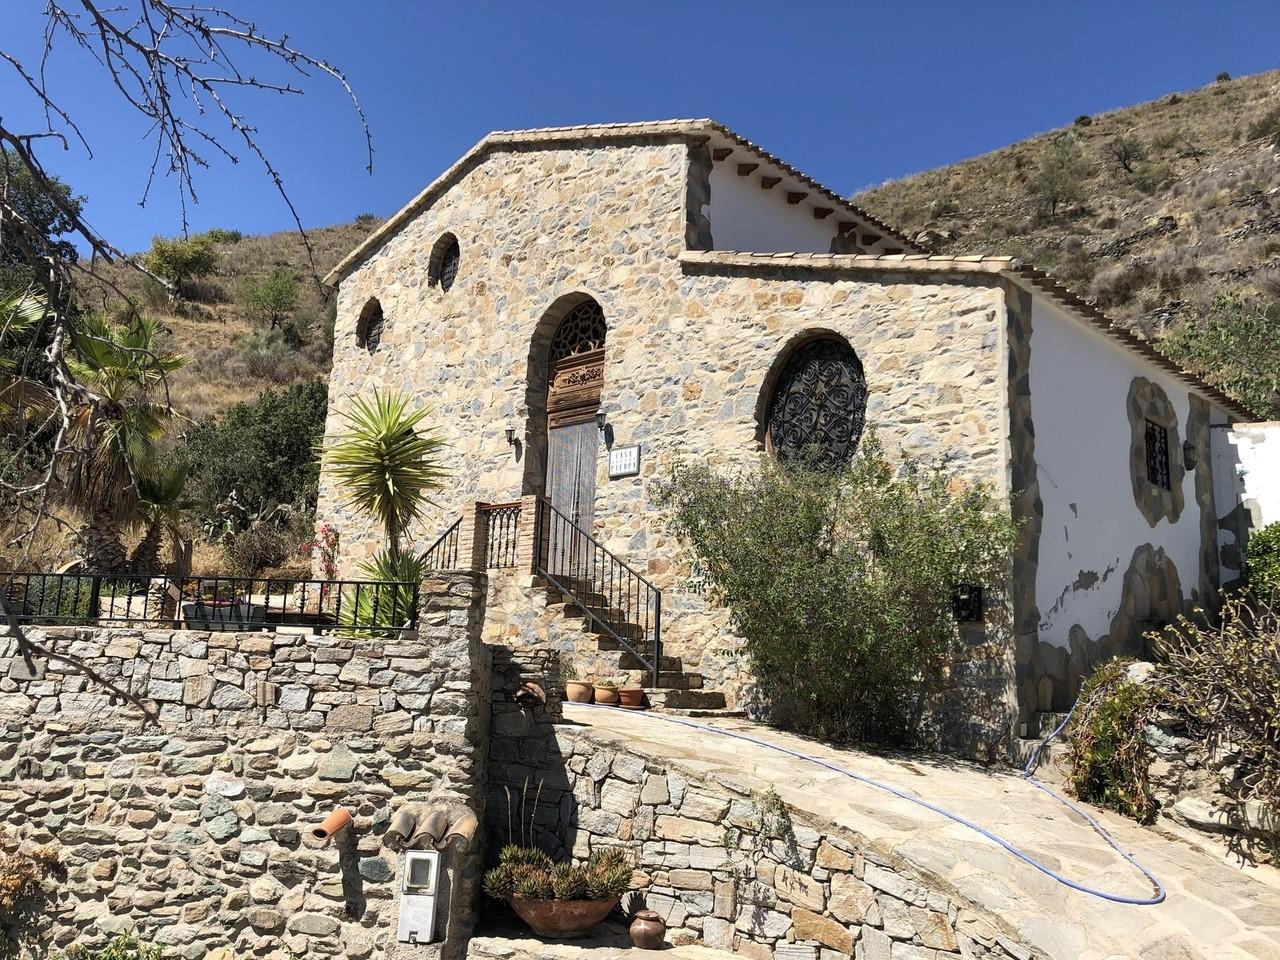 Cortijo, Lubrin, Almeria, Spain